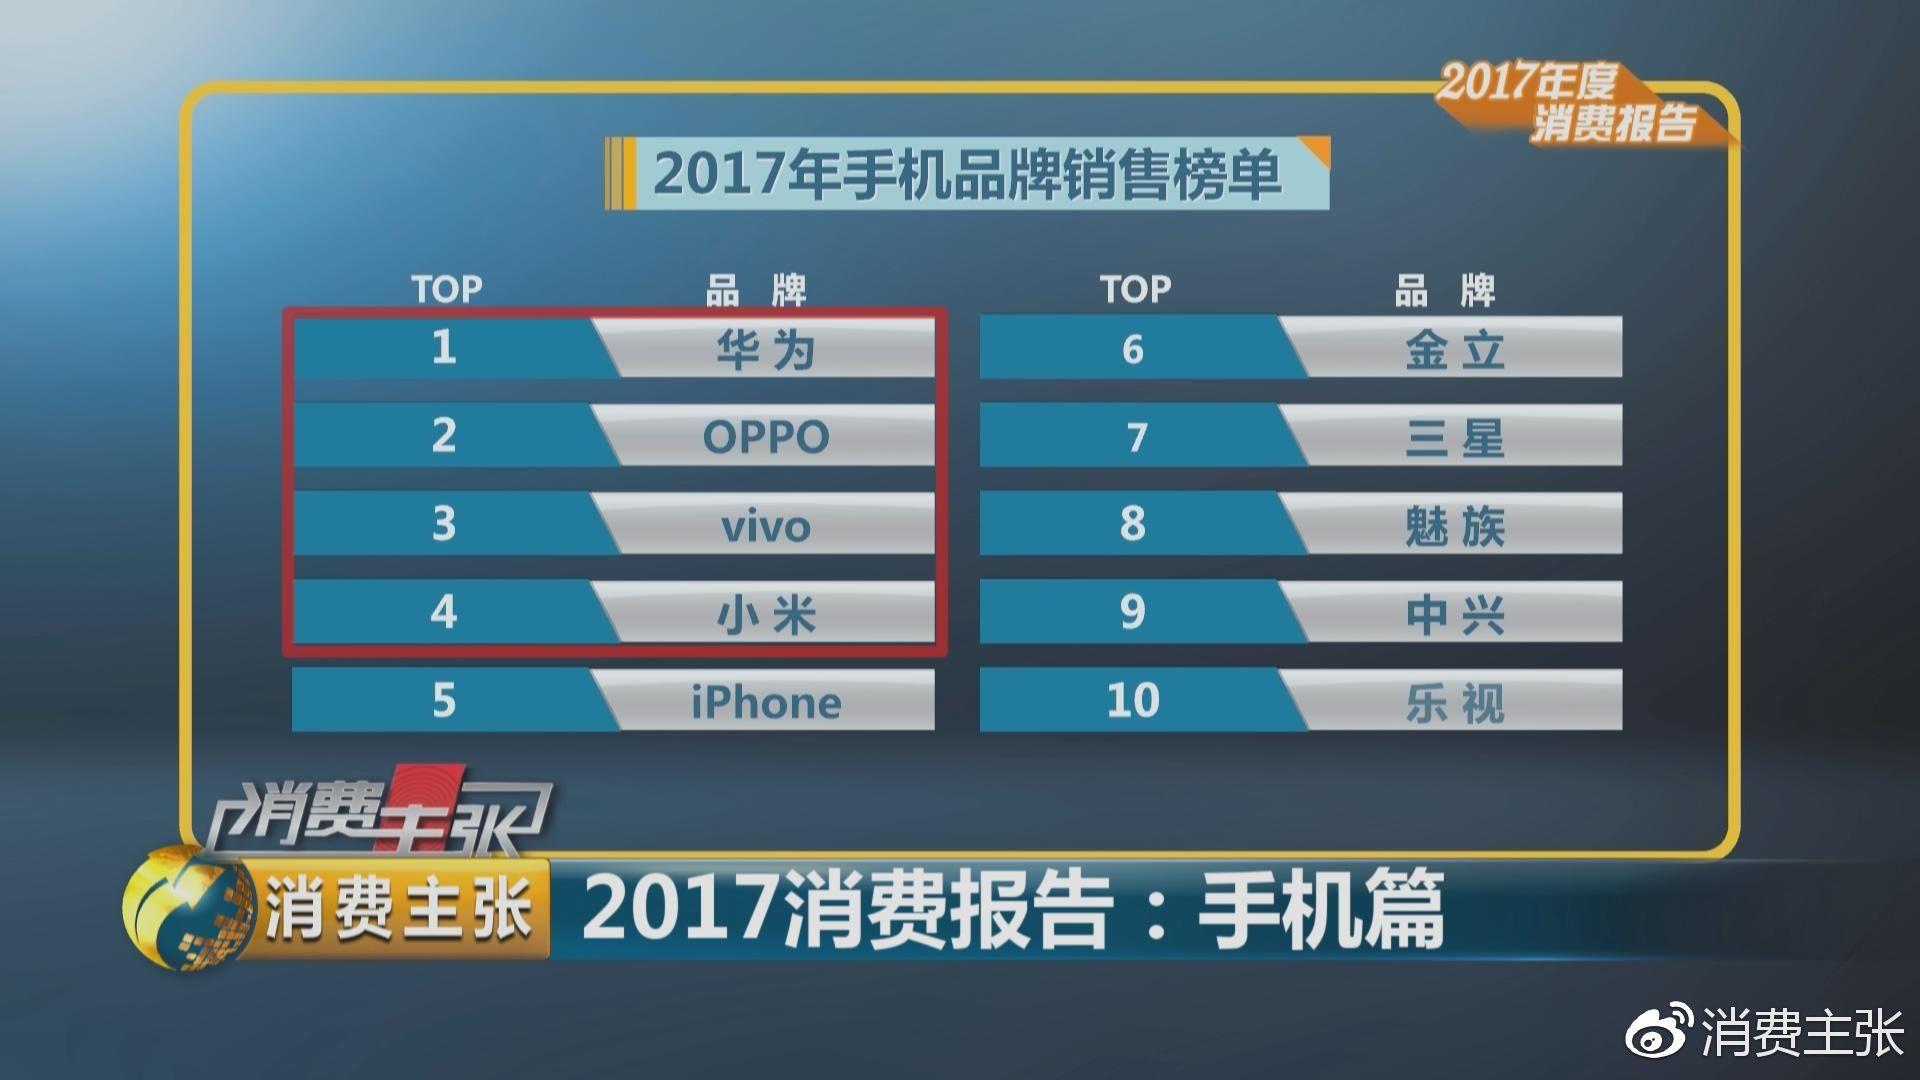 MEIZUの総出荷台数は中国で8番目。中国全体の総出荷台数は減少傾向